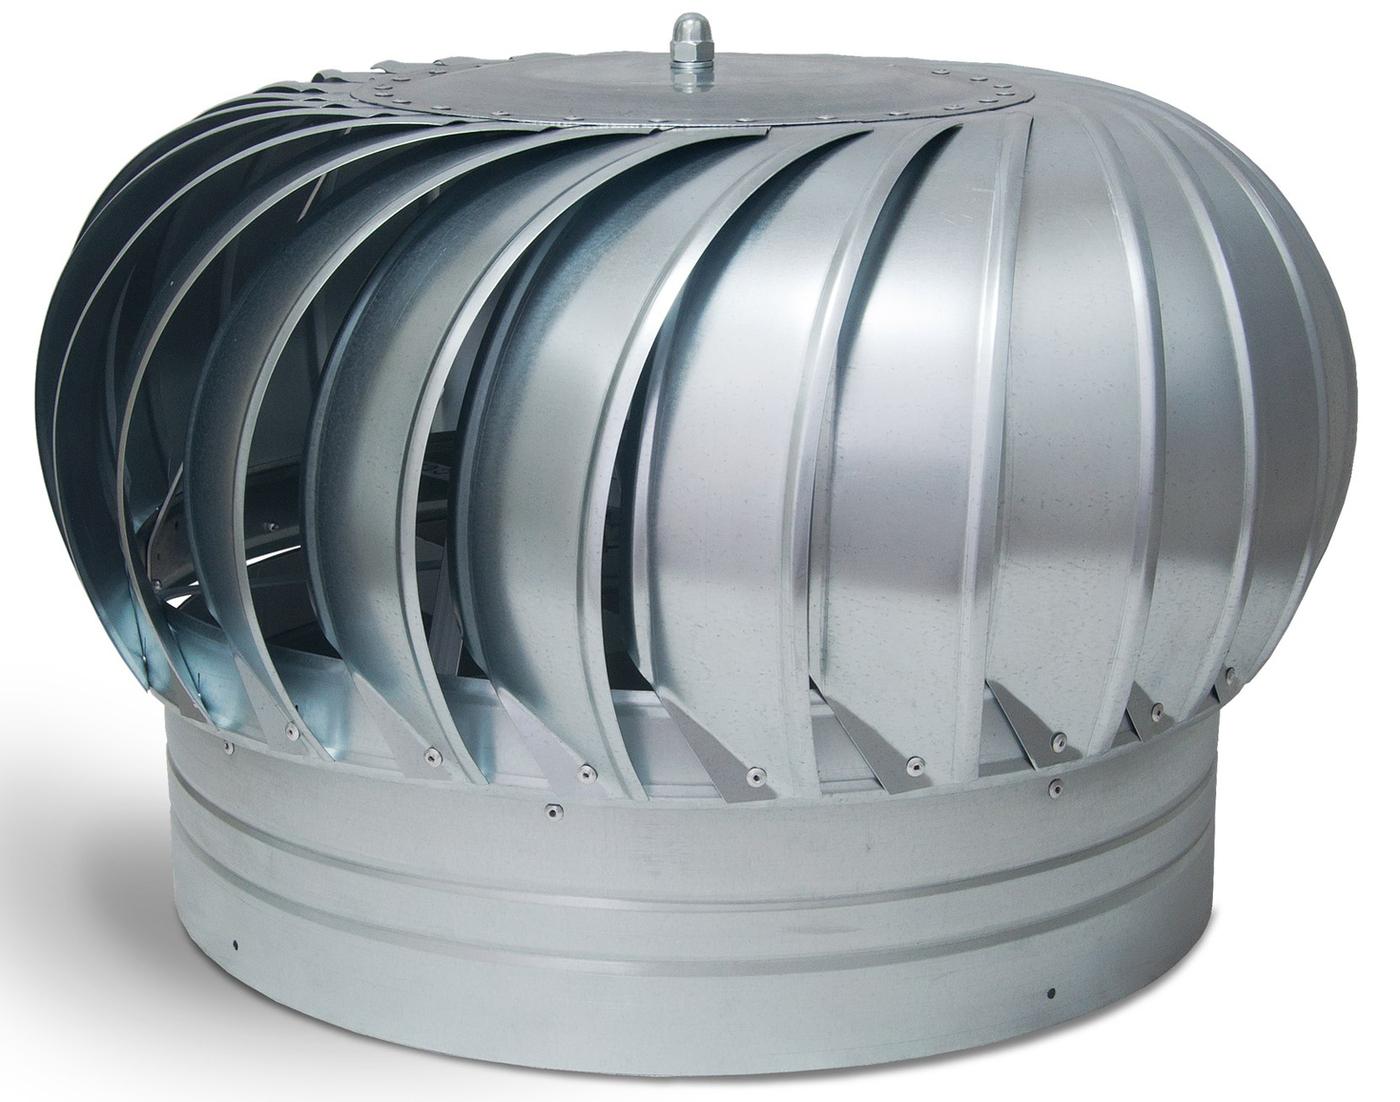 Вентиляционный ротационный дефлектор своими руками: расчет, подготовка чертежа, особенности изготовления